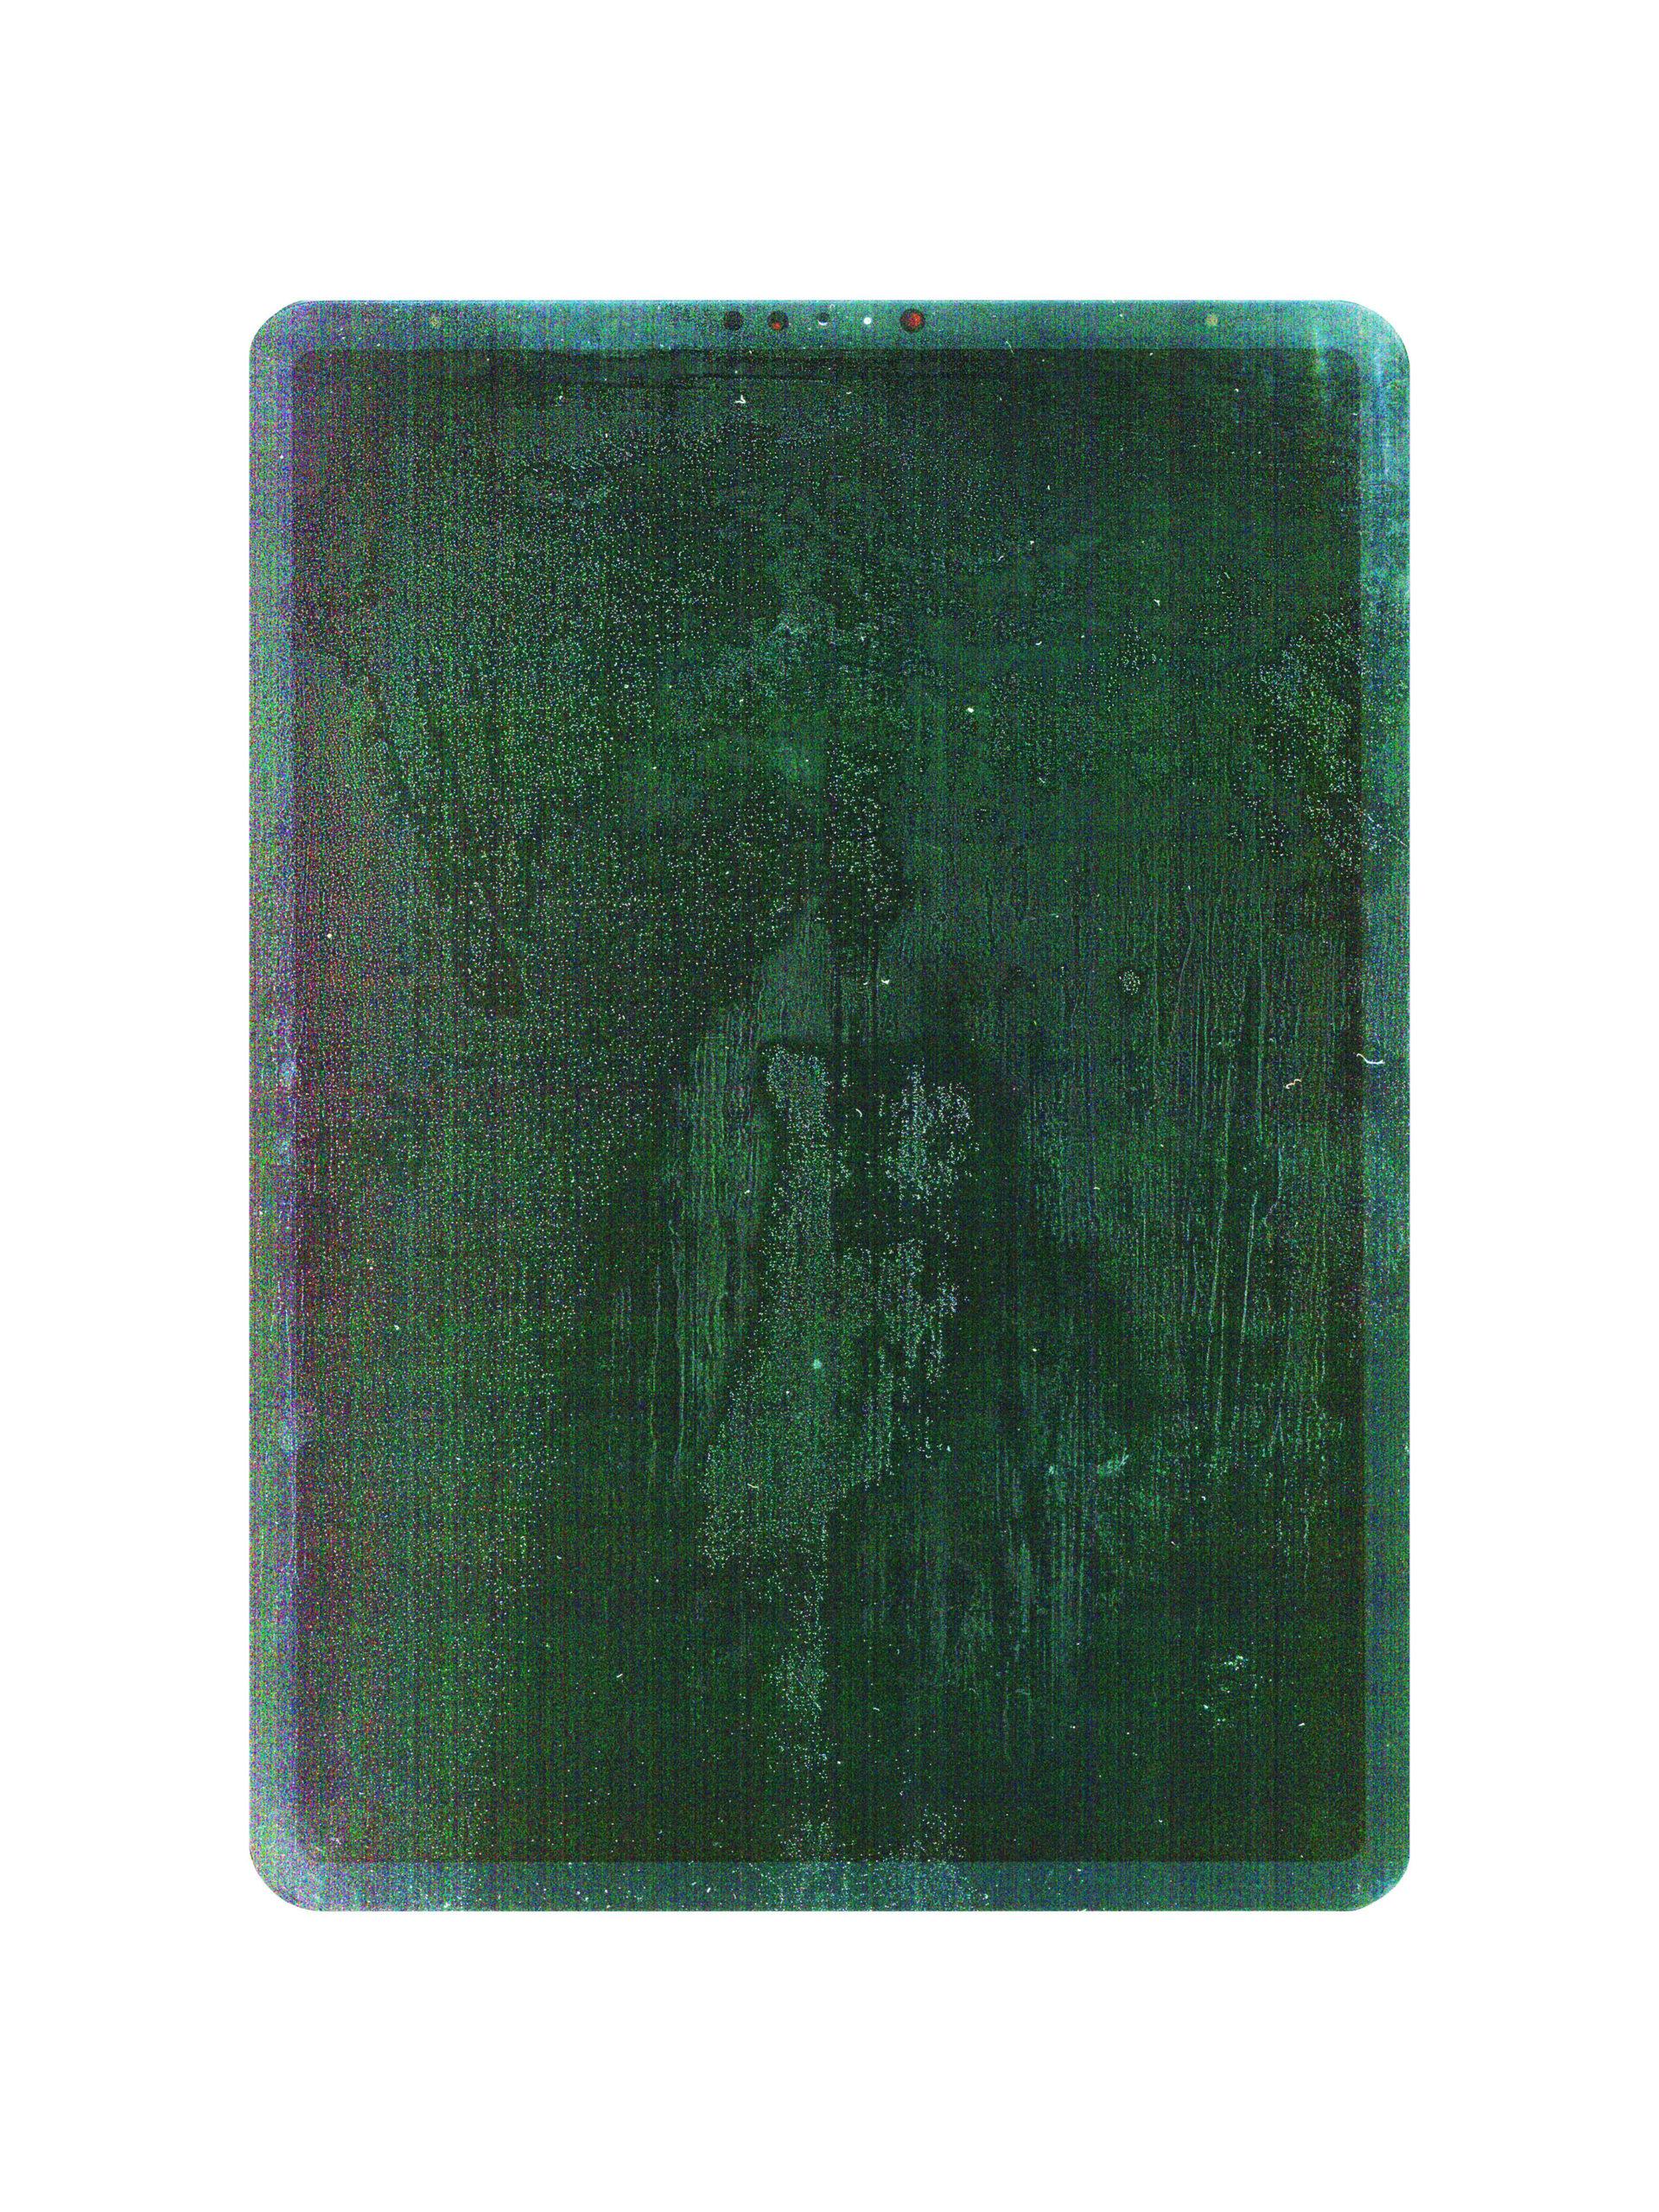 Tamiko Thiel, Touching, Traces: 2020-04-06a, A Clean Slate, digitaler Kunstdruck, 30 x 40 cm auf Hahnemühle Baryta Papier, 2020